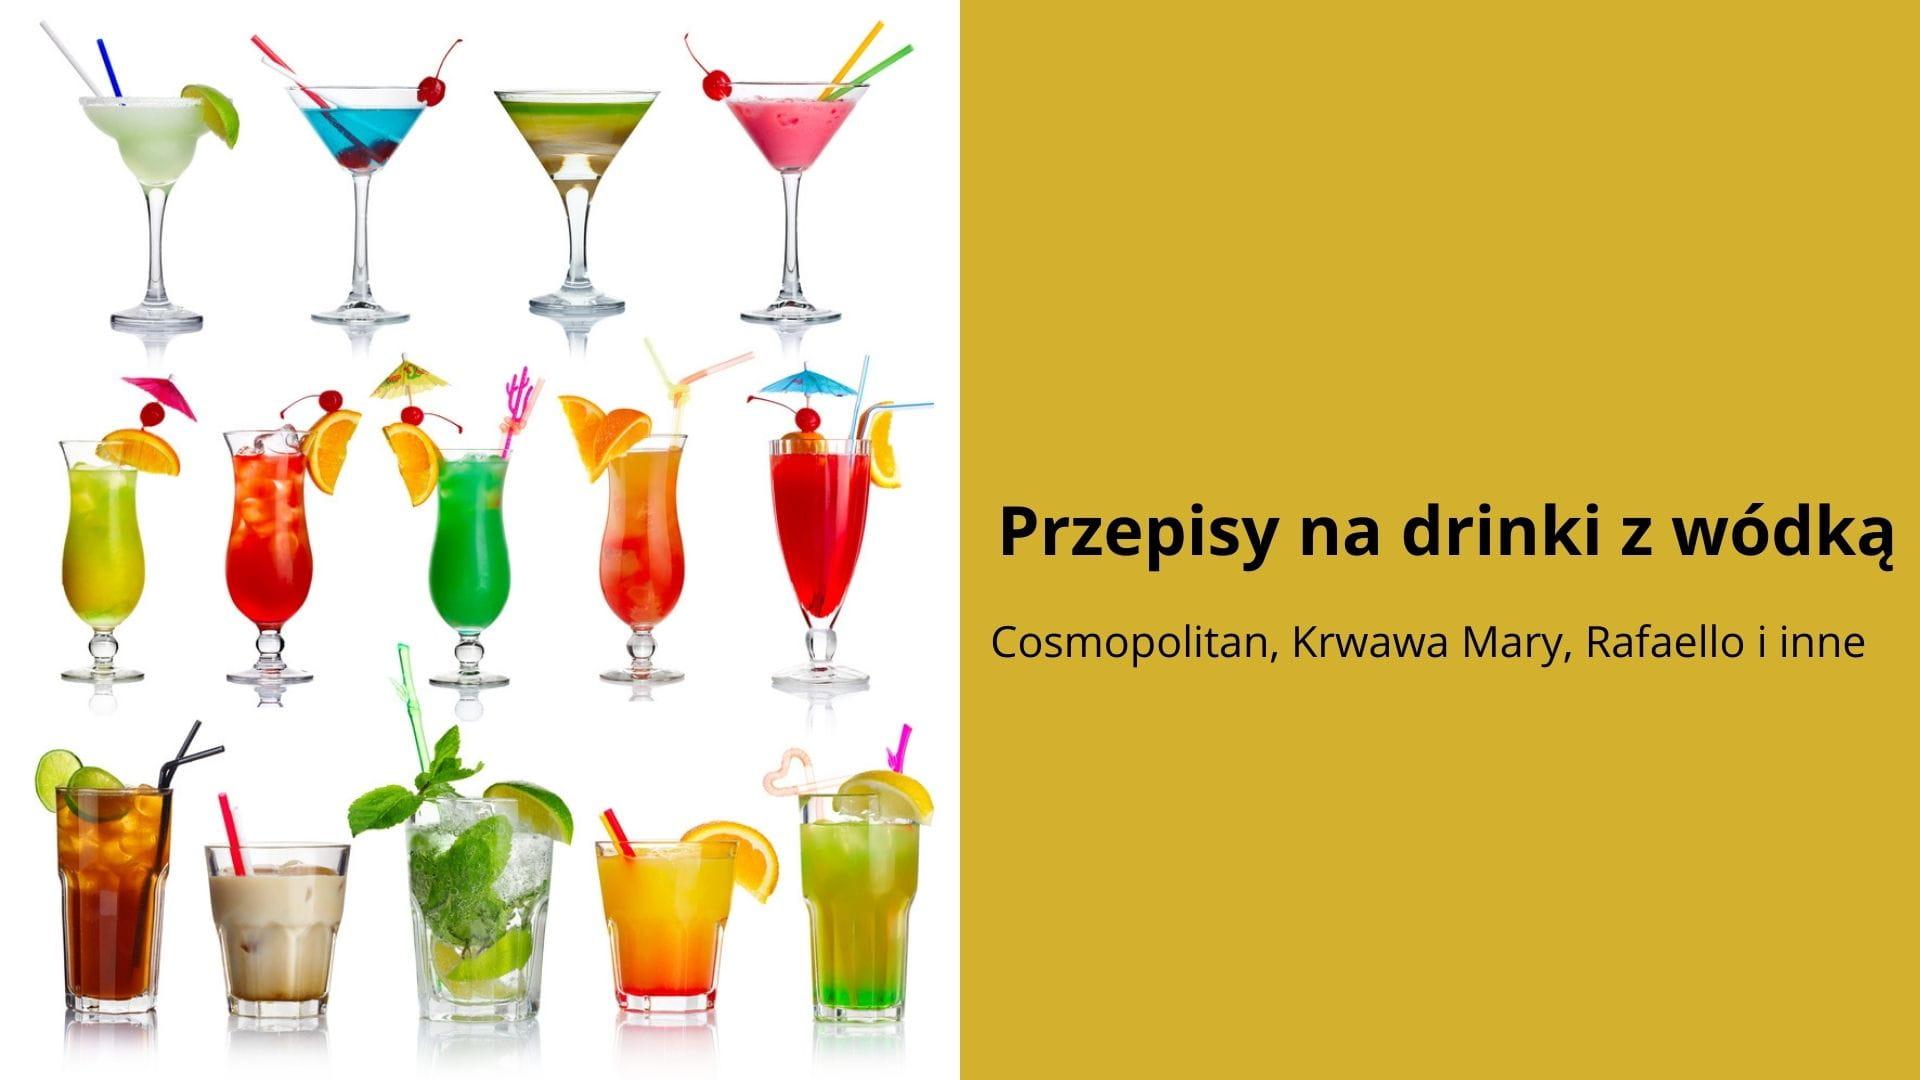 Przepisy na drinki z wódką